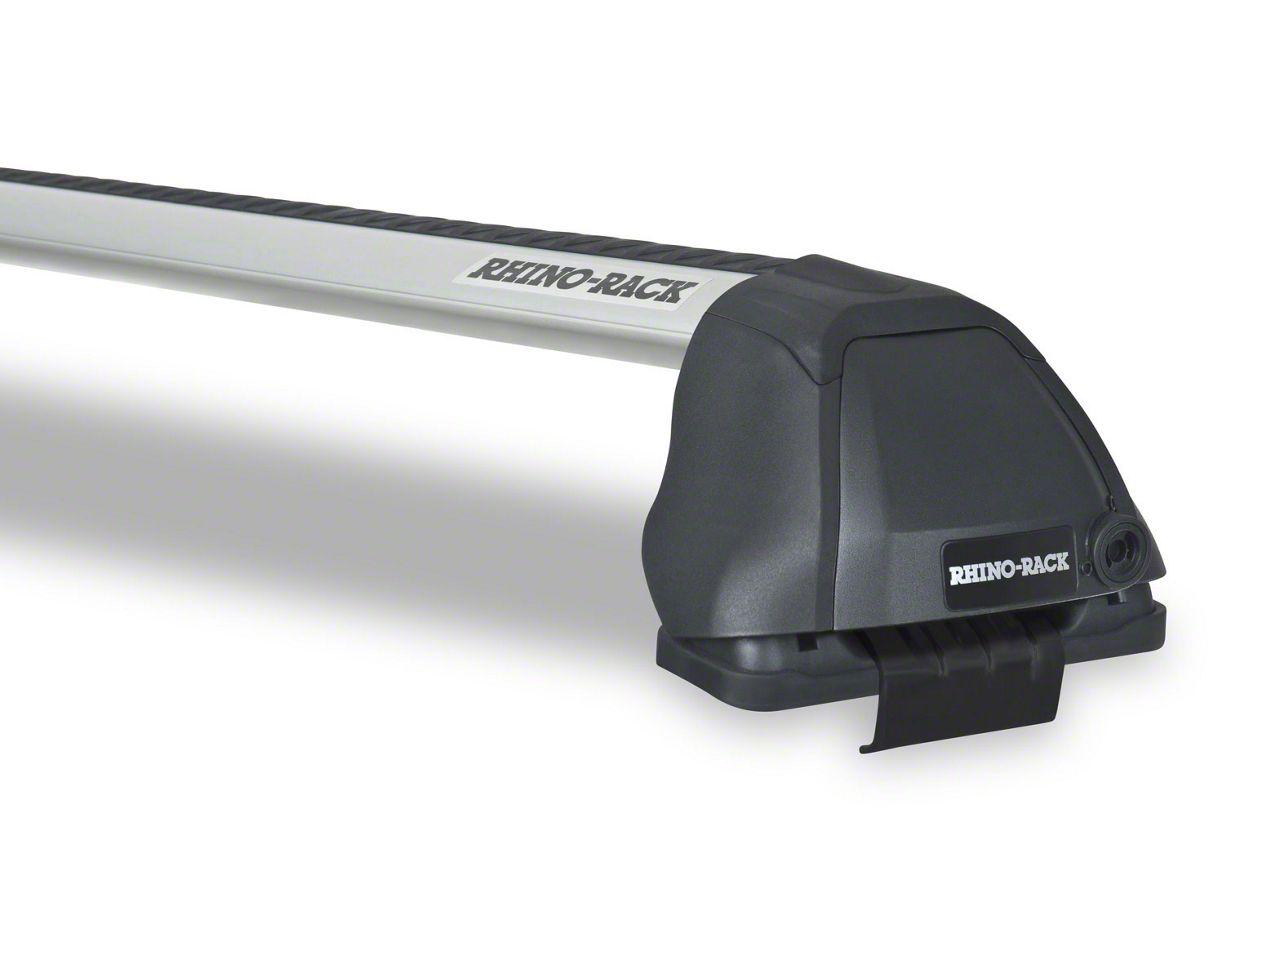 Rhino-Rack Vortex 2500 RS 2-Bar Roof Rack - Silver (07-13 Sierra 1500 Crew Cab)